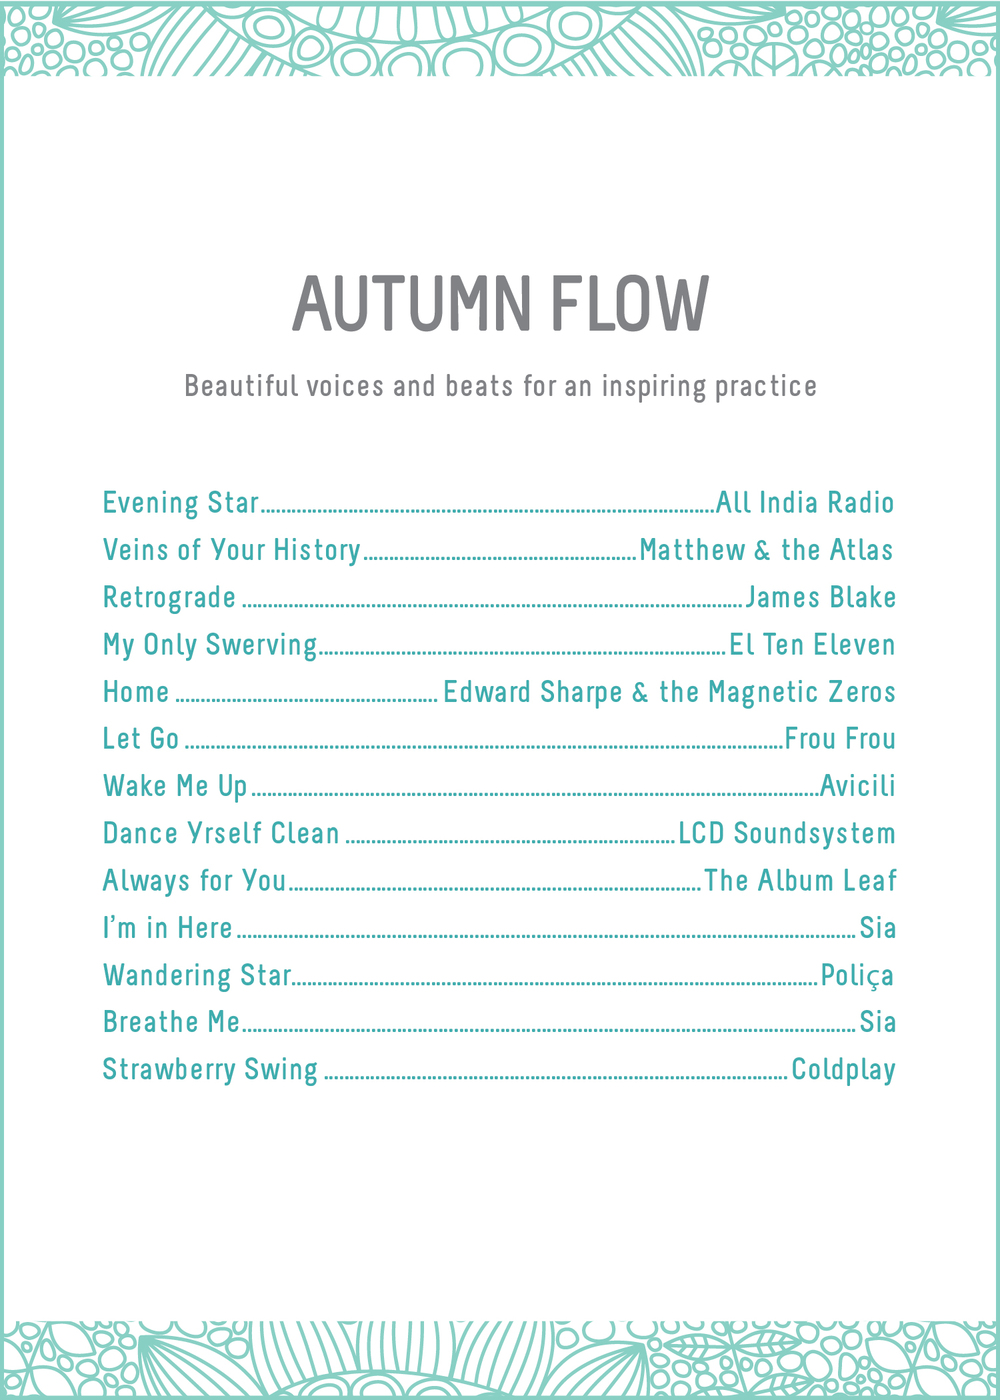 autumn flow.jpg